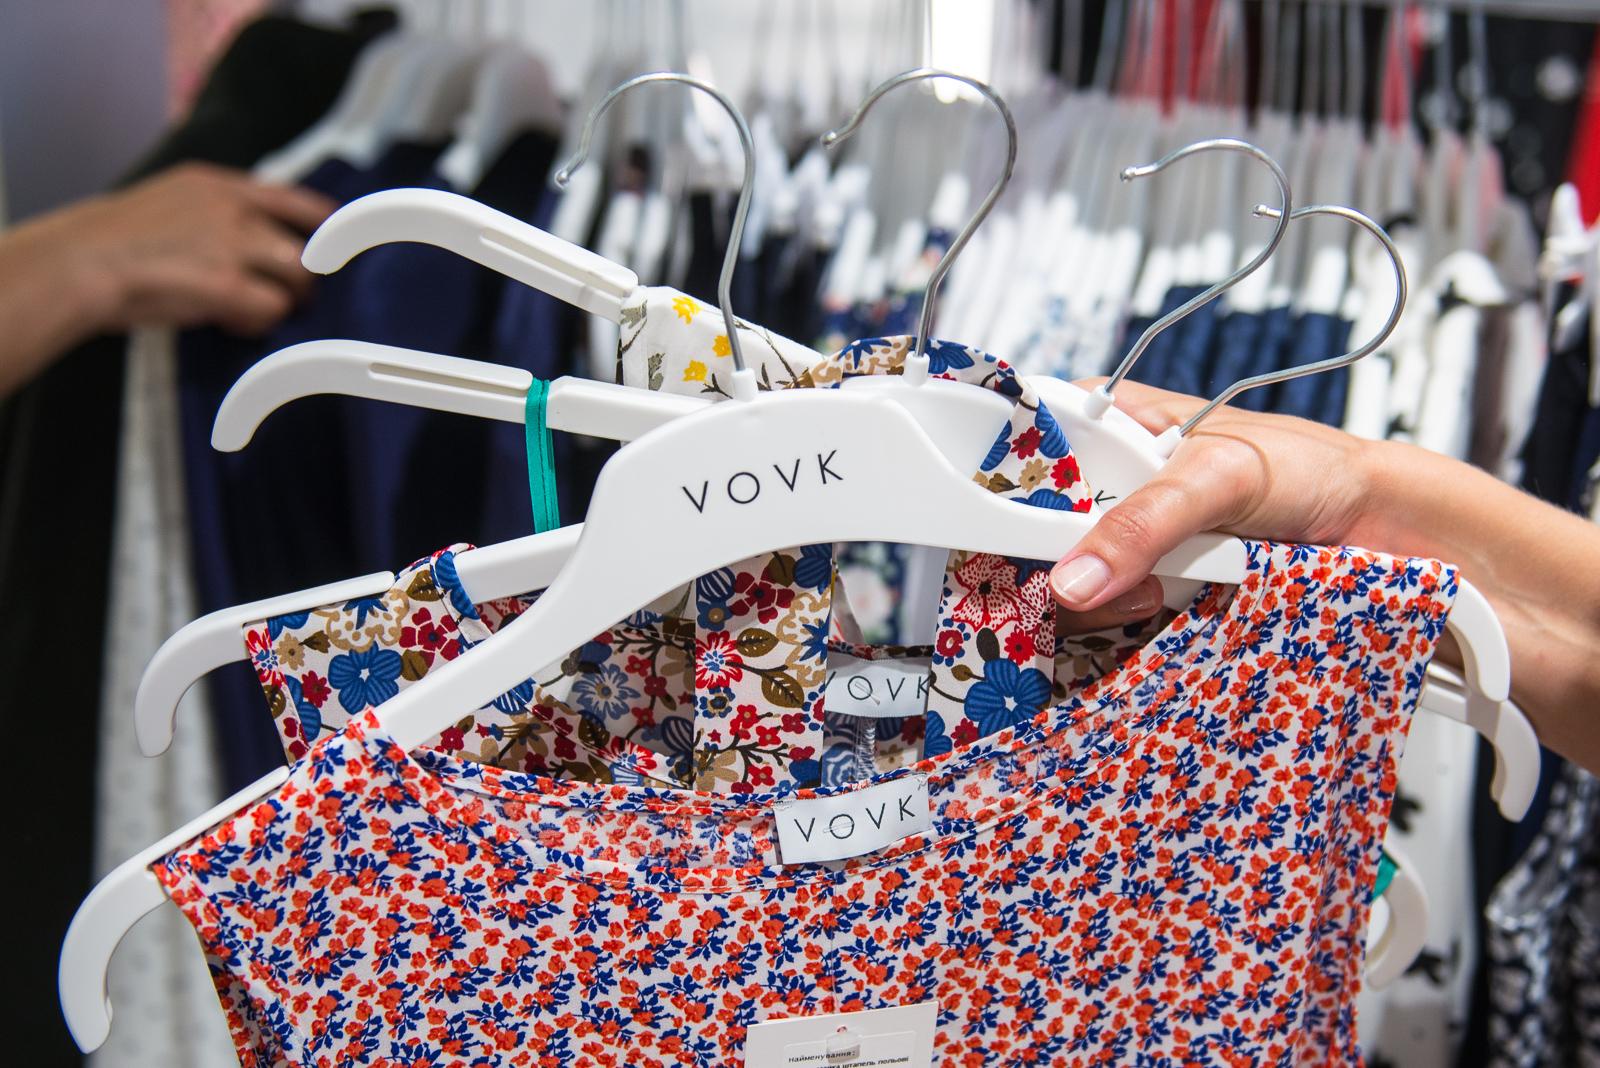 Бренд VOVK відкрив студію жіночого одягу в ТРЦ Ocean Plaza (+ фото ... 3b24713d2c5dc